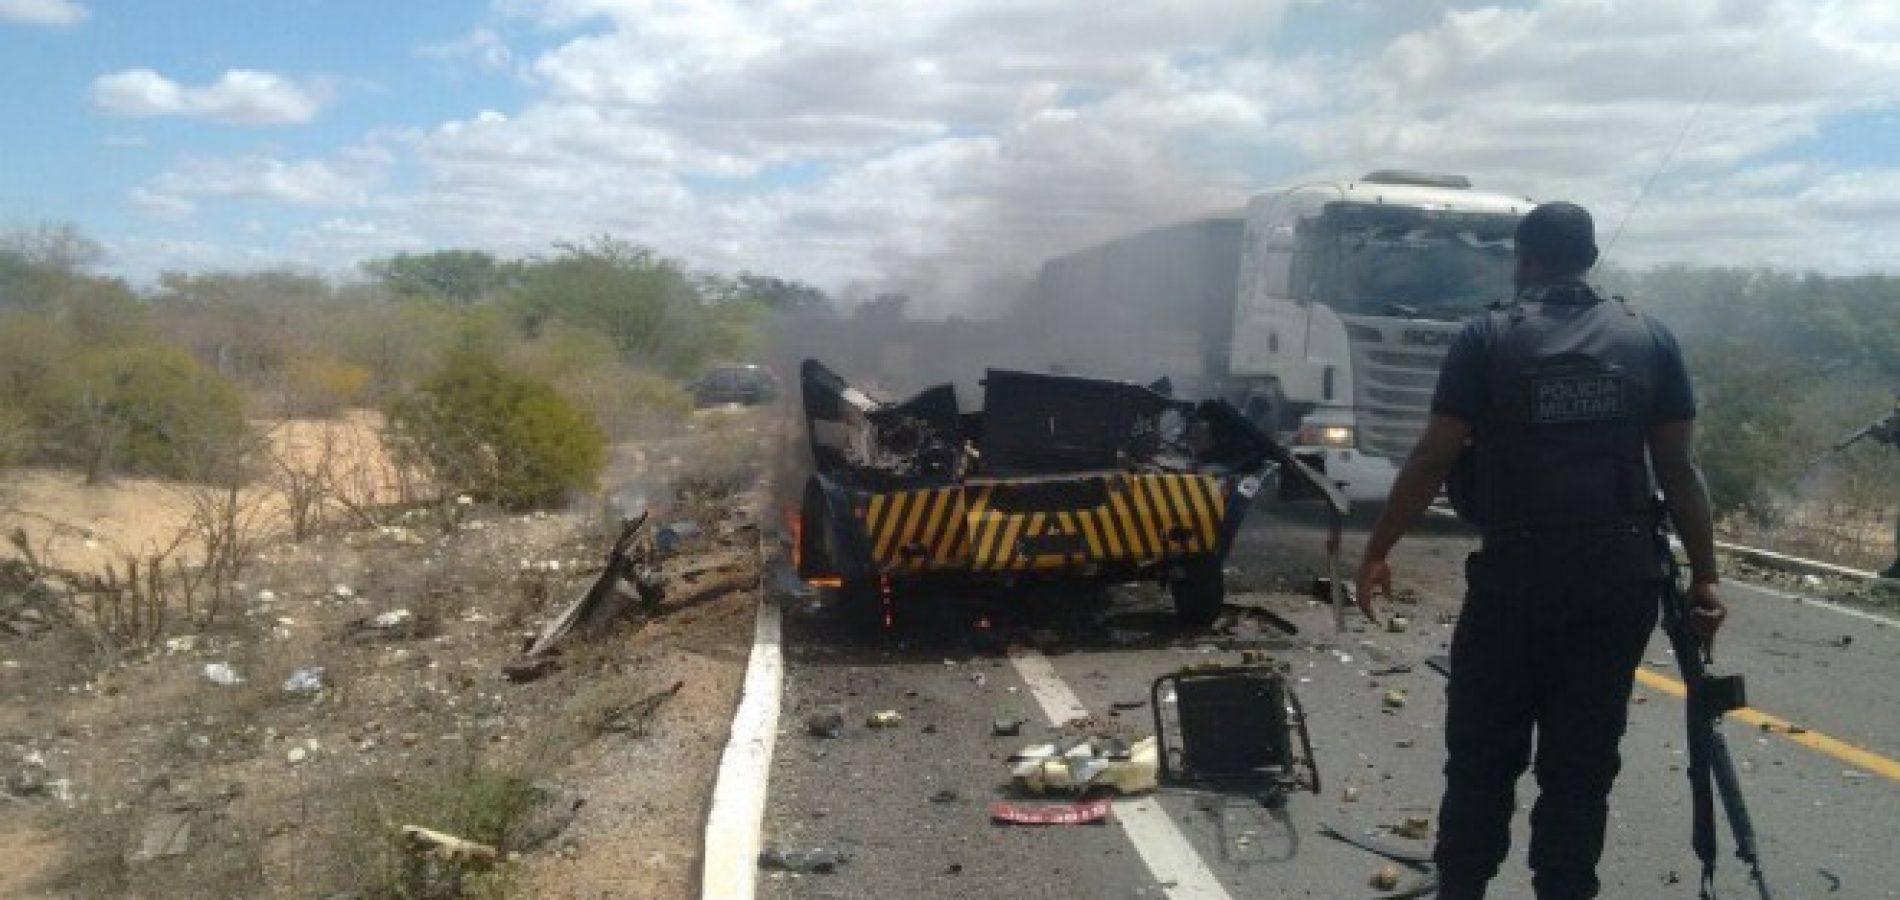 Grupo explode cofre e ateia fogo em carro-forte no sertão de Pernambuco;fotos